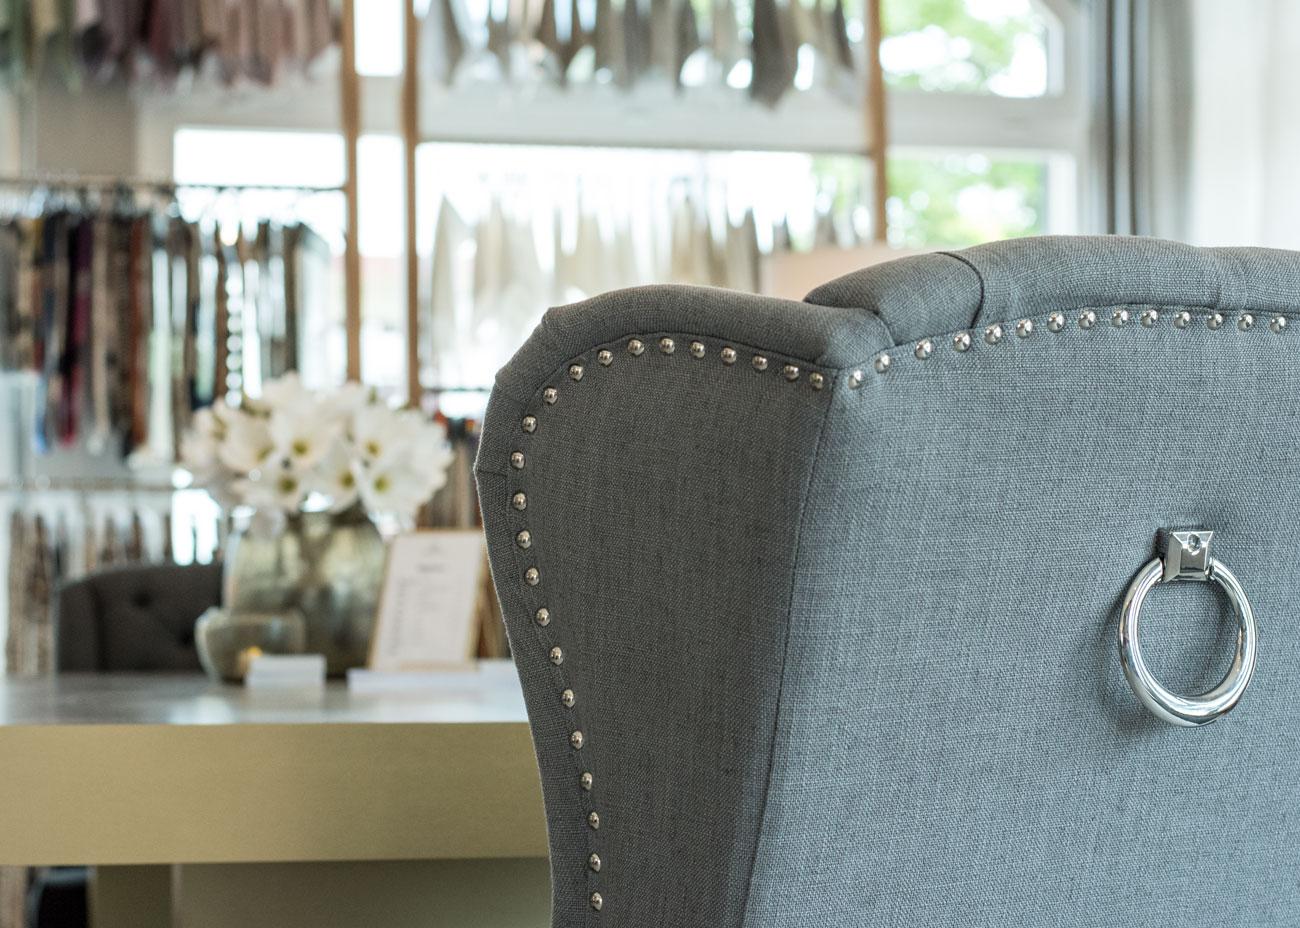 Ausstellungskonzept stoffe textilmuster sessel frau mit nieten und griff silber